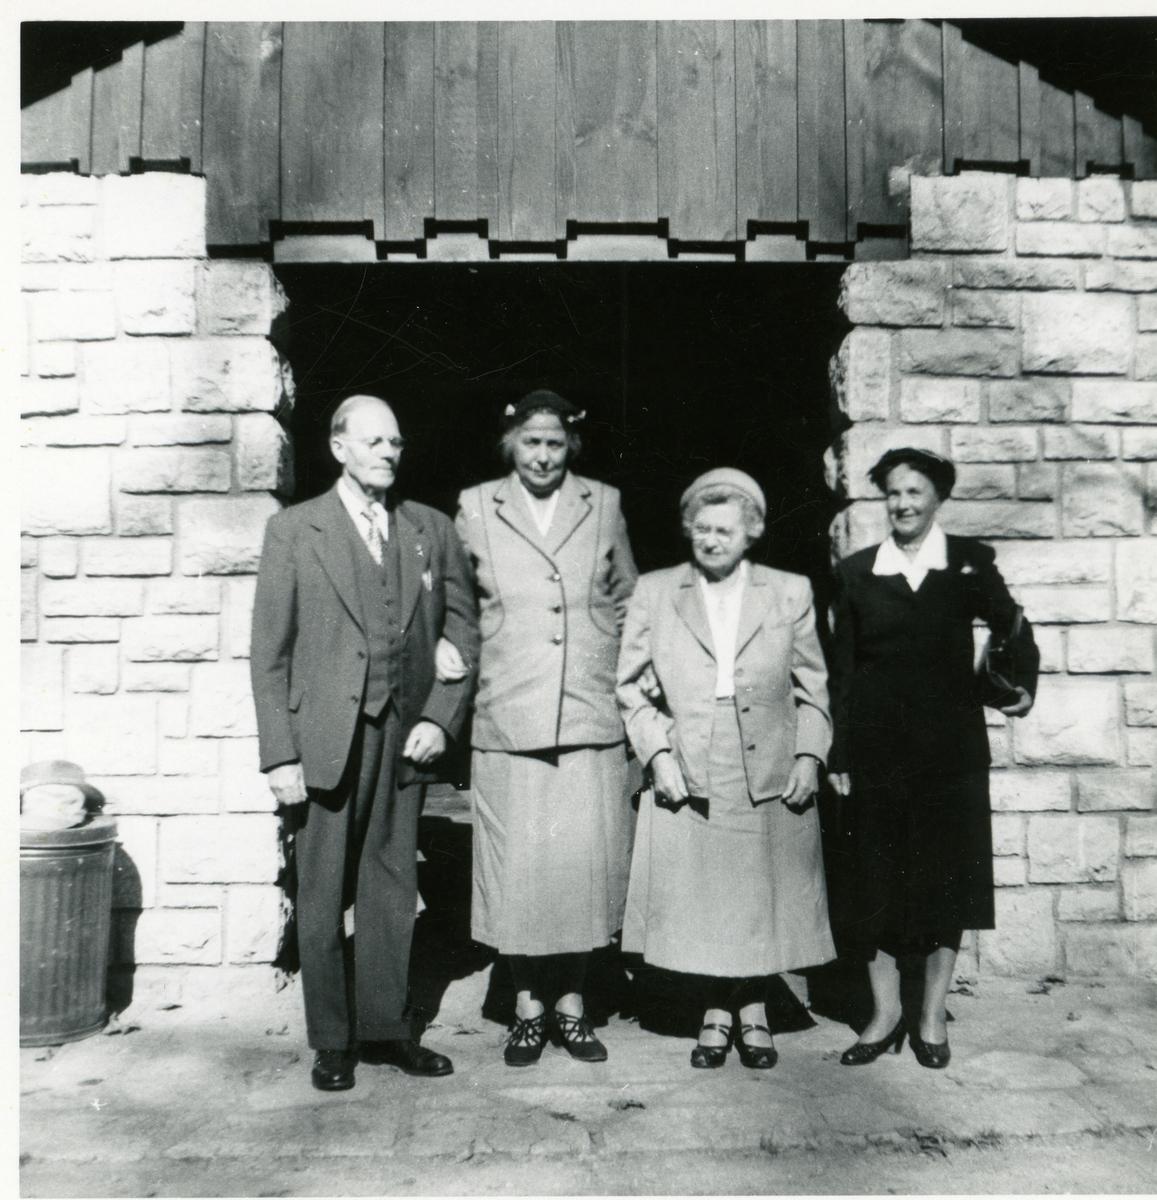 Fra venstre: Ole Andreas Røang, Marie Heggernæs f. Espeliødegården i Etnedal, Celia Røang og Inger Lineikro. Bildet er tatt i Amerika i 1954